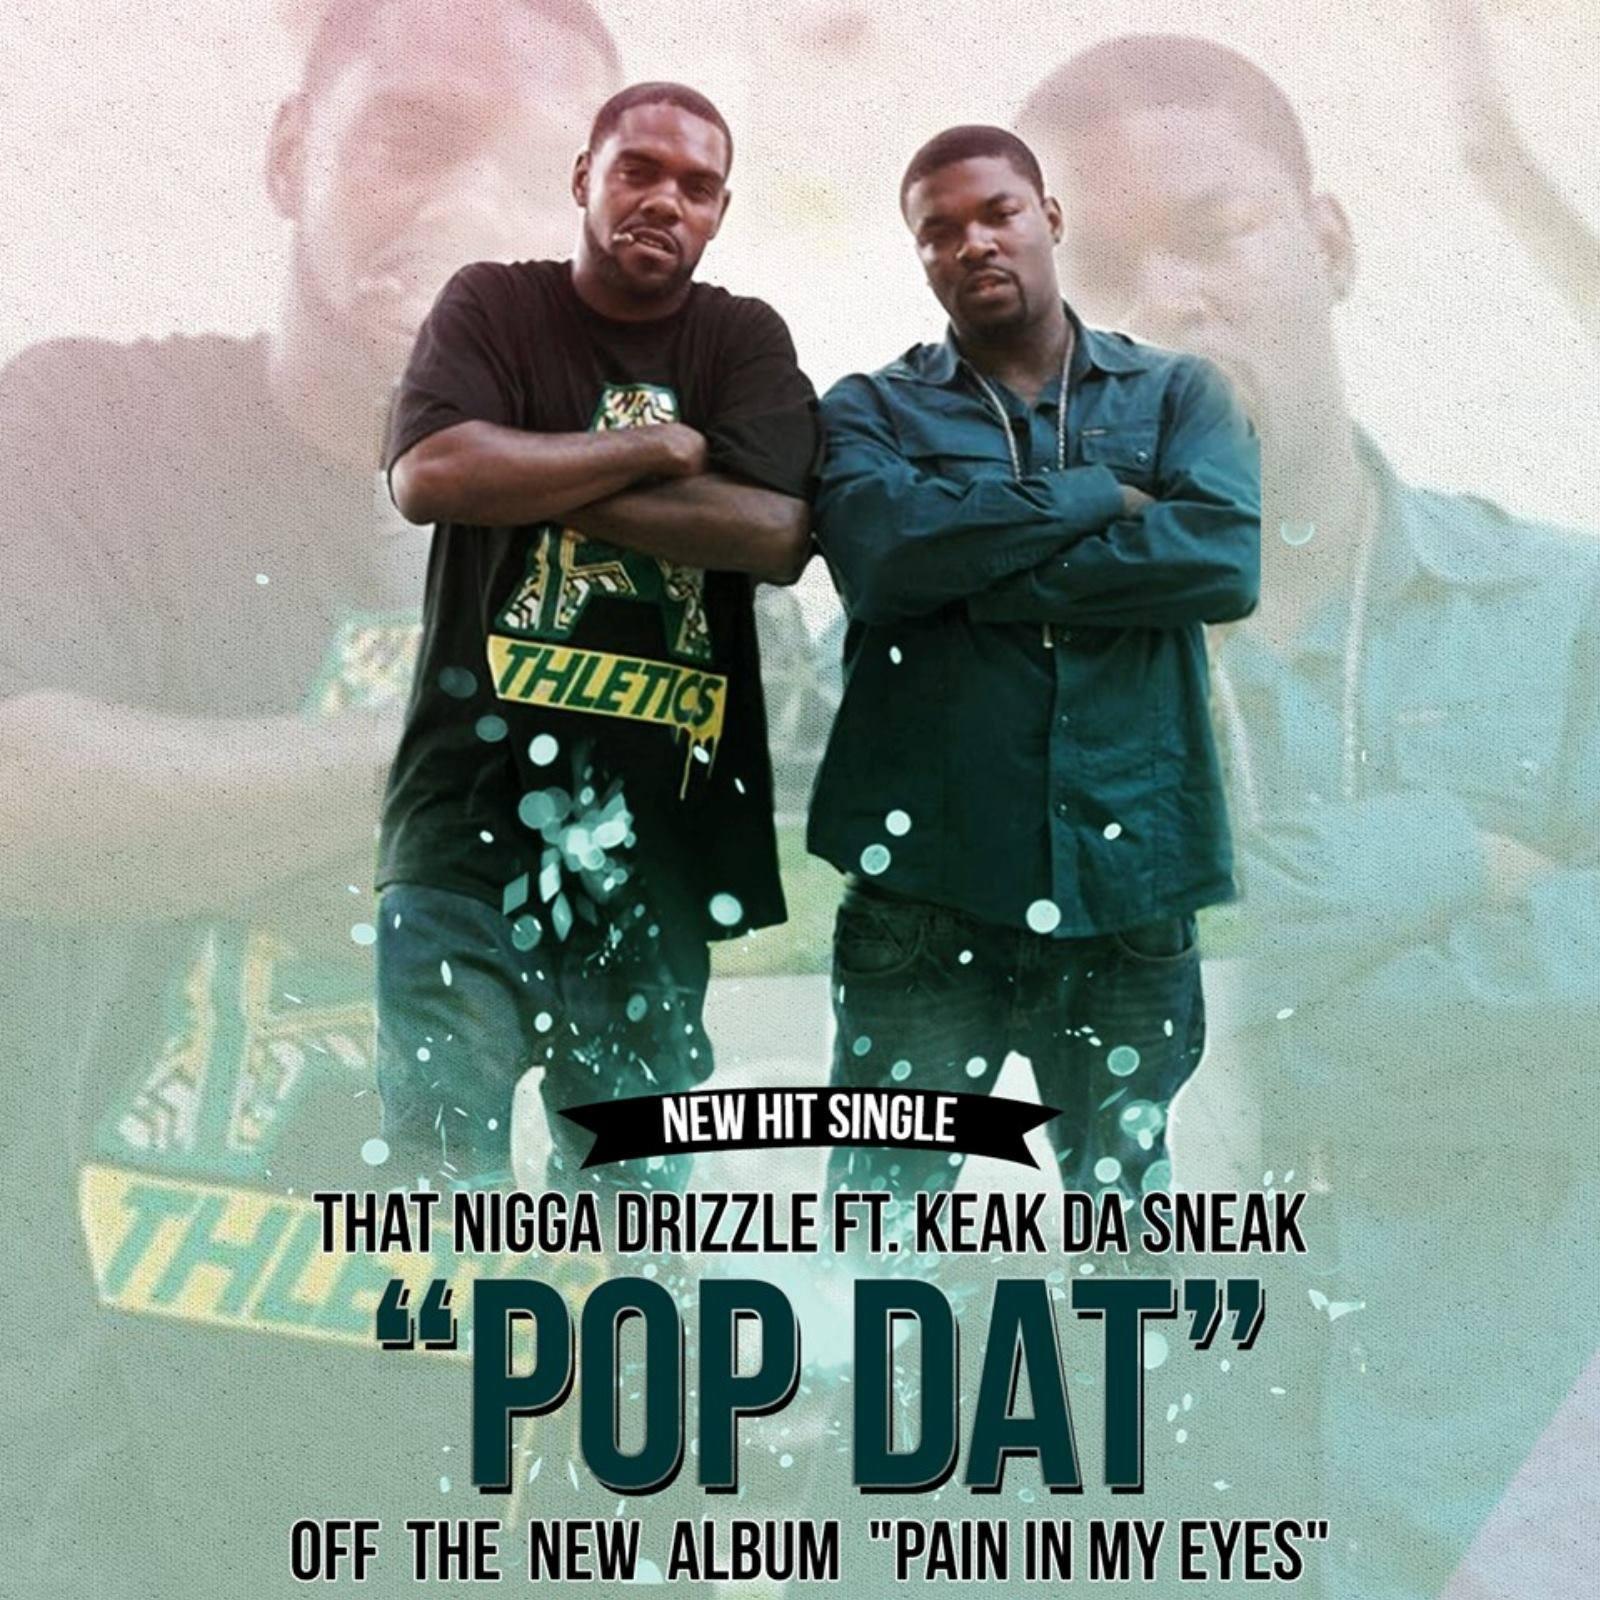 Pop Dat by Dat Boy Drizzle and Keak Da Sneak